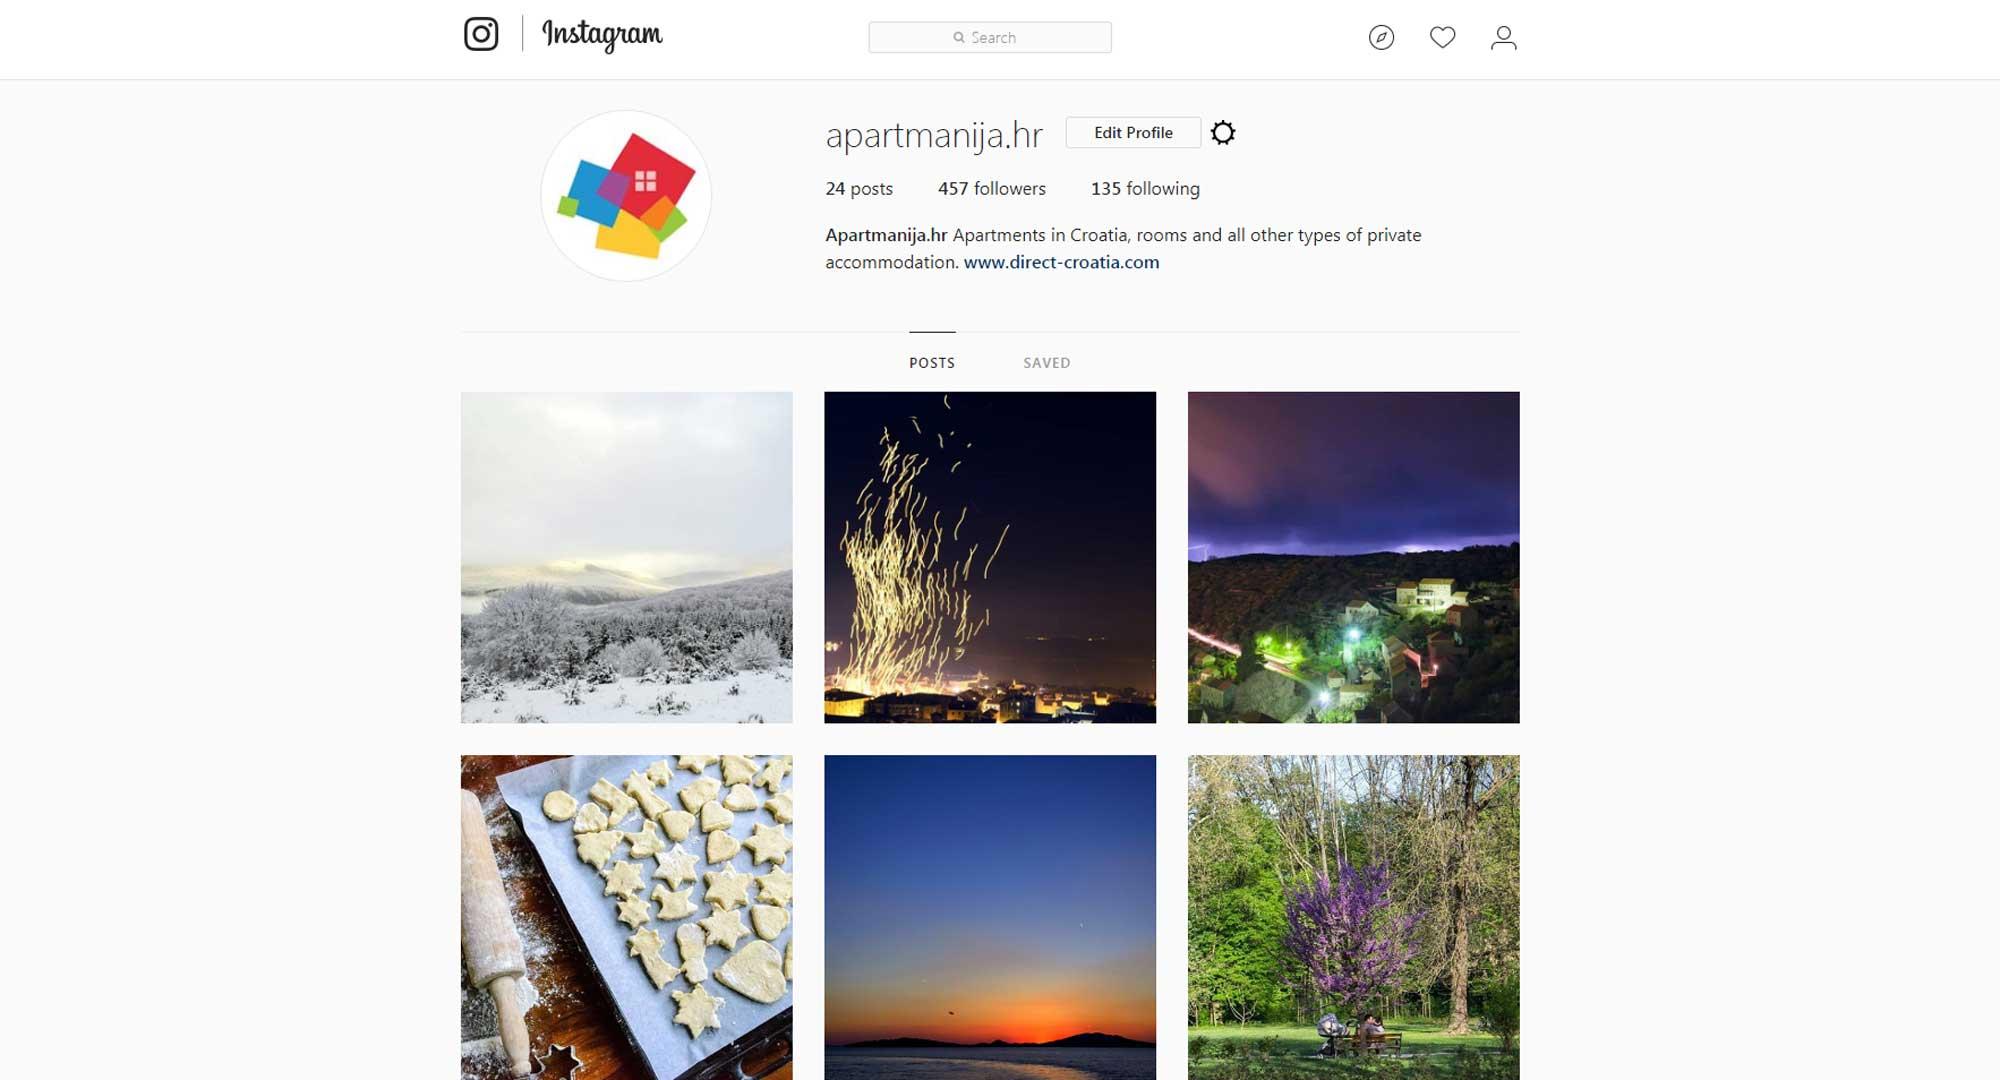 Kako koristiti Instagram za oglašavanje apartmana Uređivanje profila